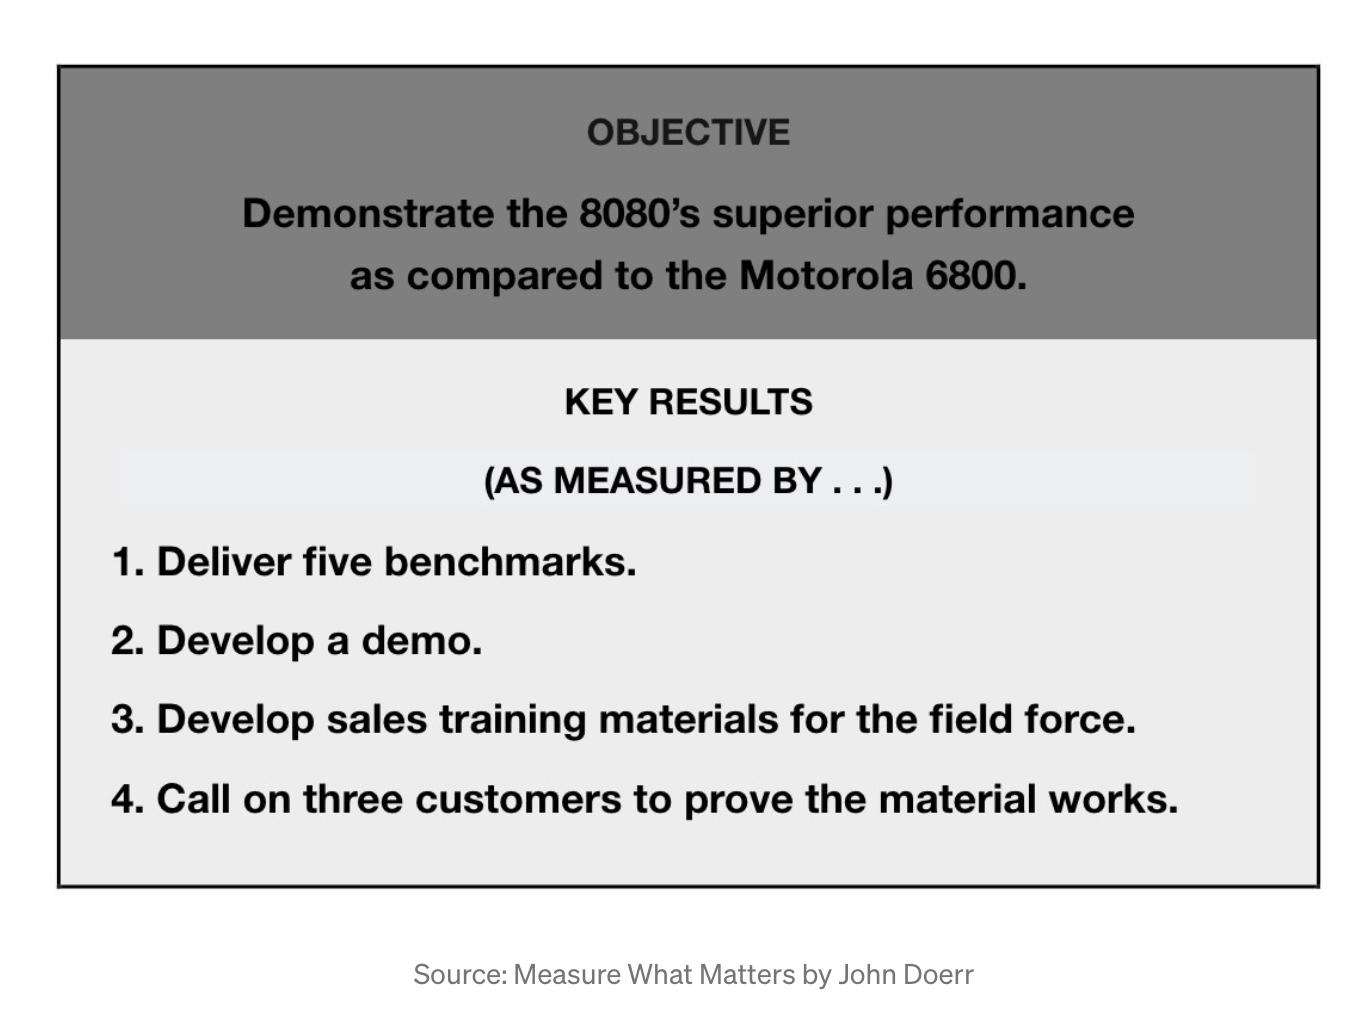 解析目标与关键结果法(OKR)